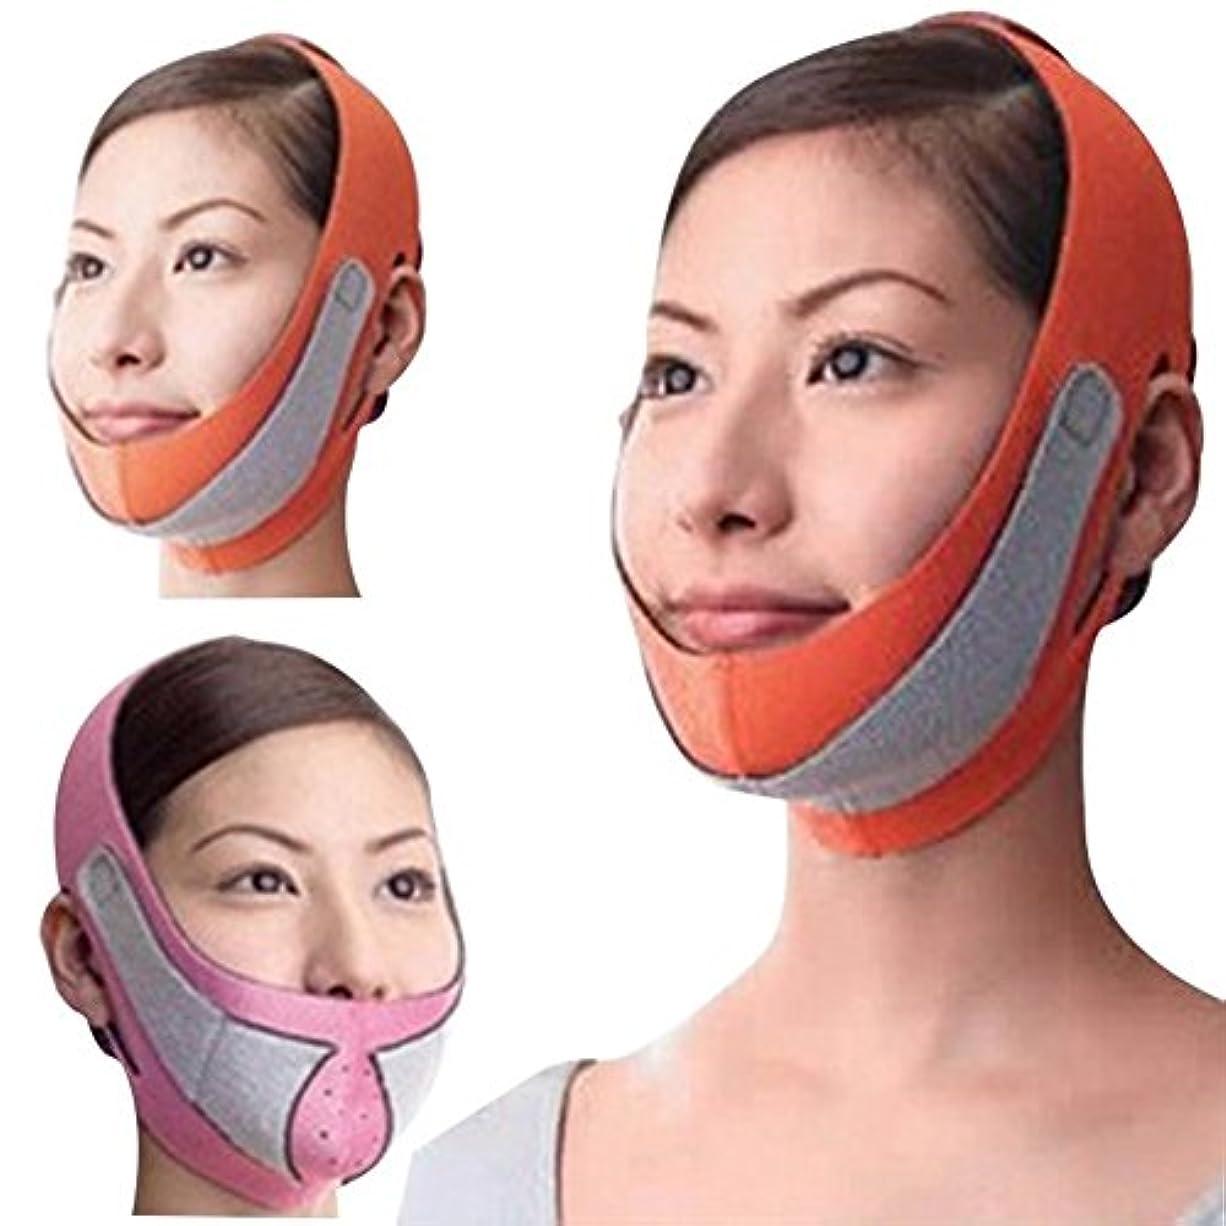 高尚な肉のロードされたRemeehi 引き上げマスク 頬のたるみ 額 顎下 頬リフトアップ ピンク グレー 弾力V-ラインマスク 引っ張る リフティング フェイス リフトスリムマスク 美容 フェイスマスク ピンク